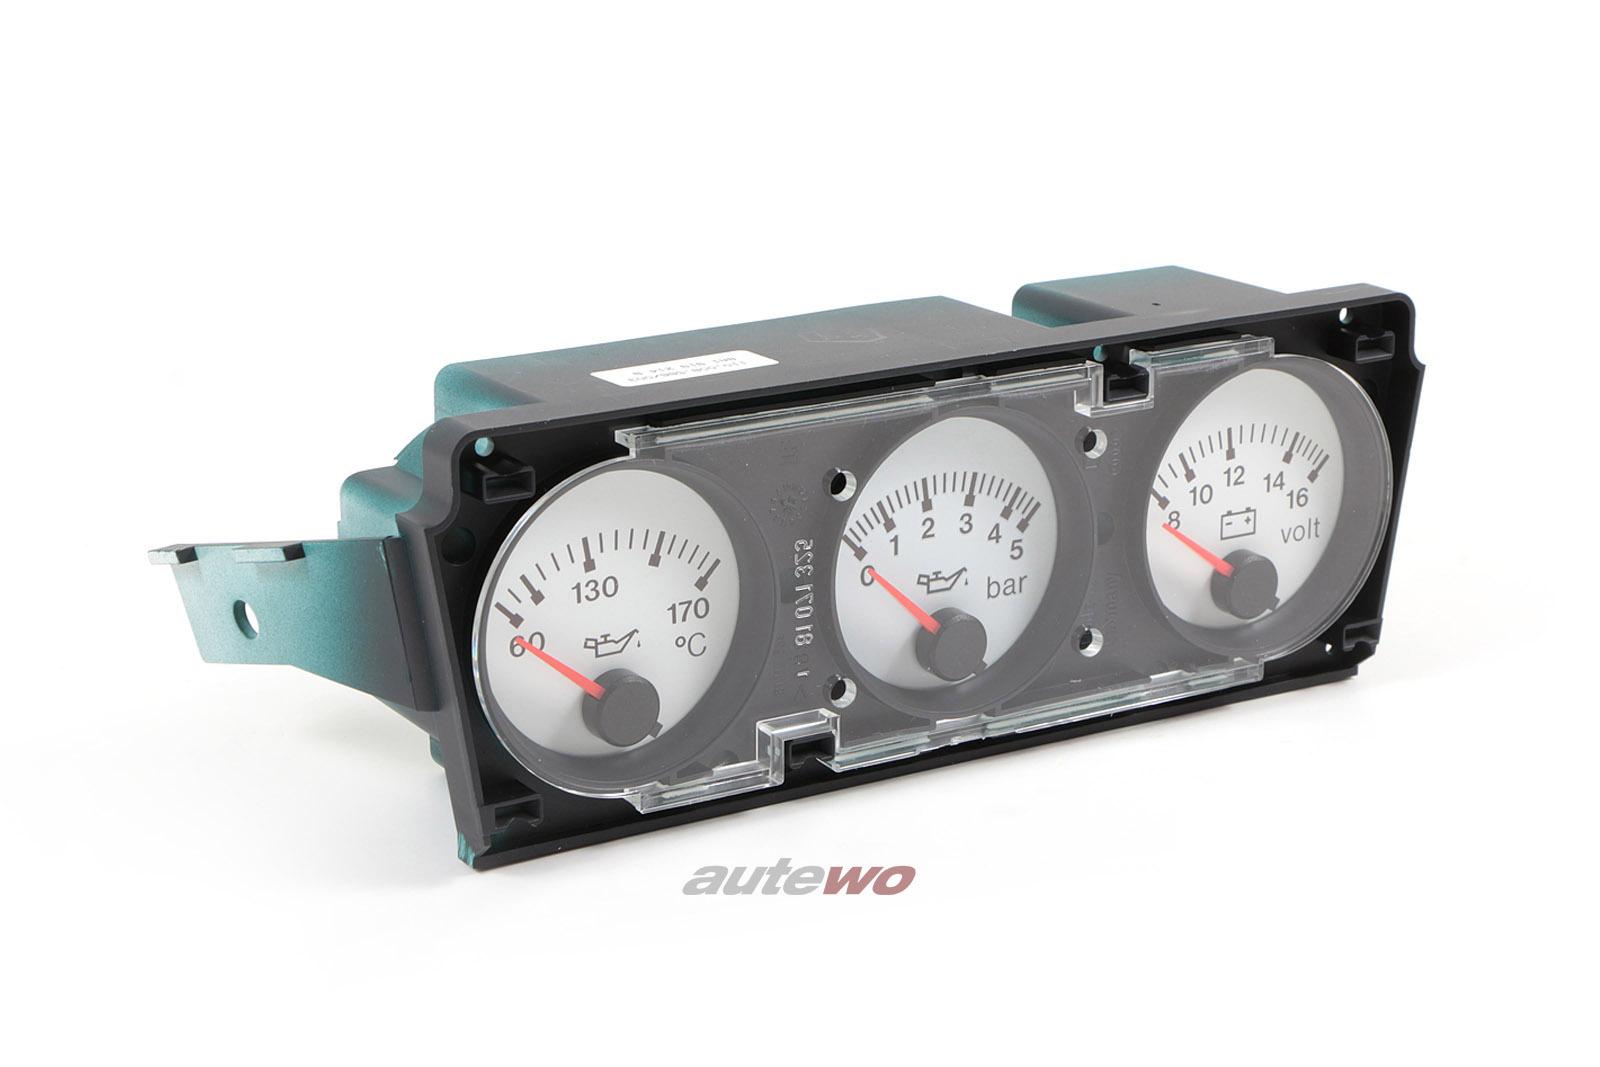 8A1919214B-NEU-Audi-RS2-P1-Zusatzinstrumente-Oldruck-Temp-Volt-schneeweiss